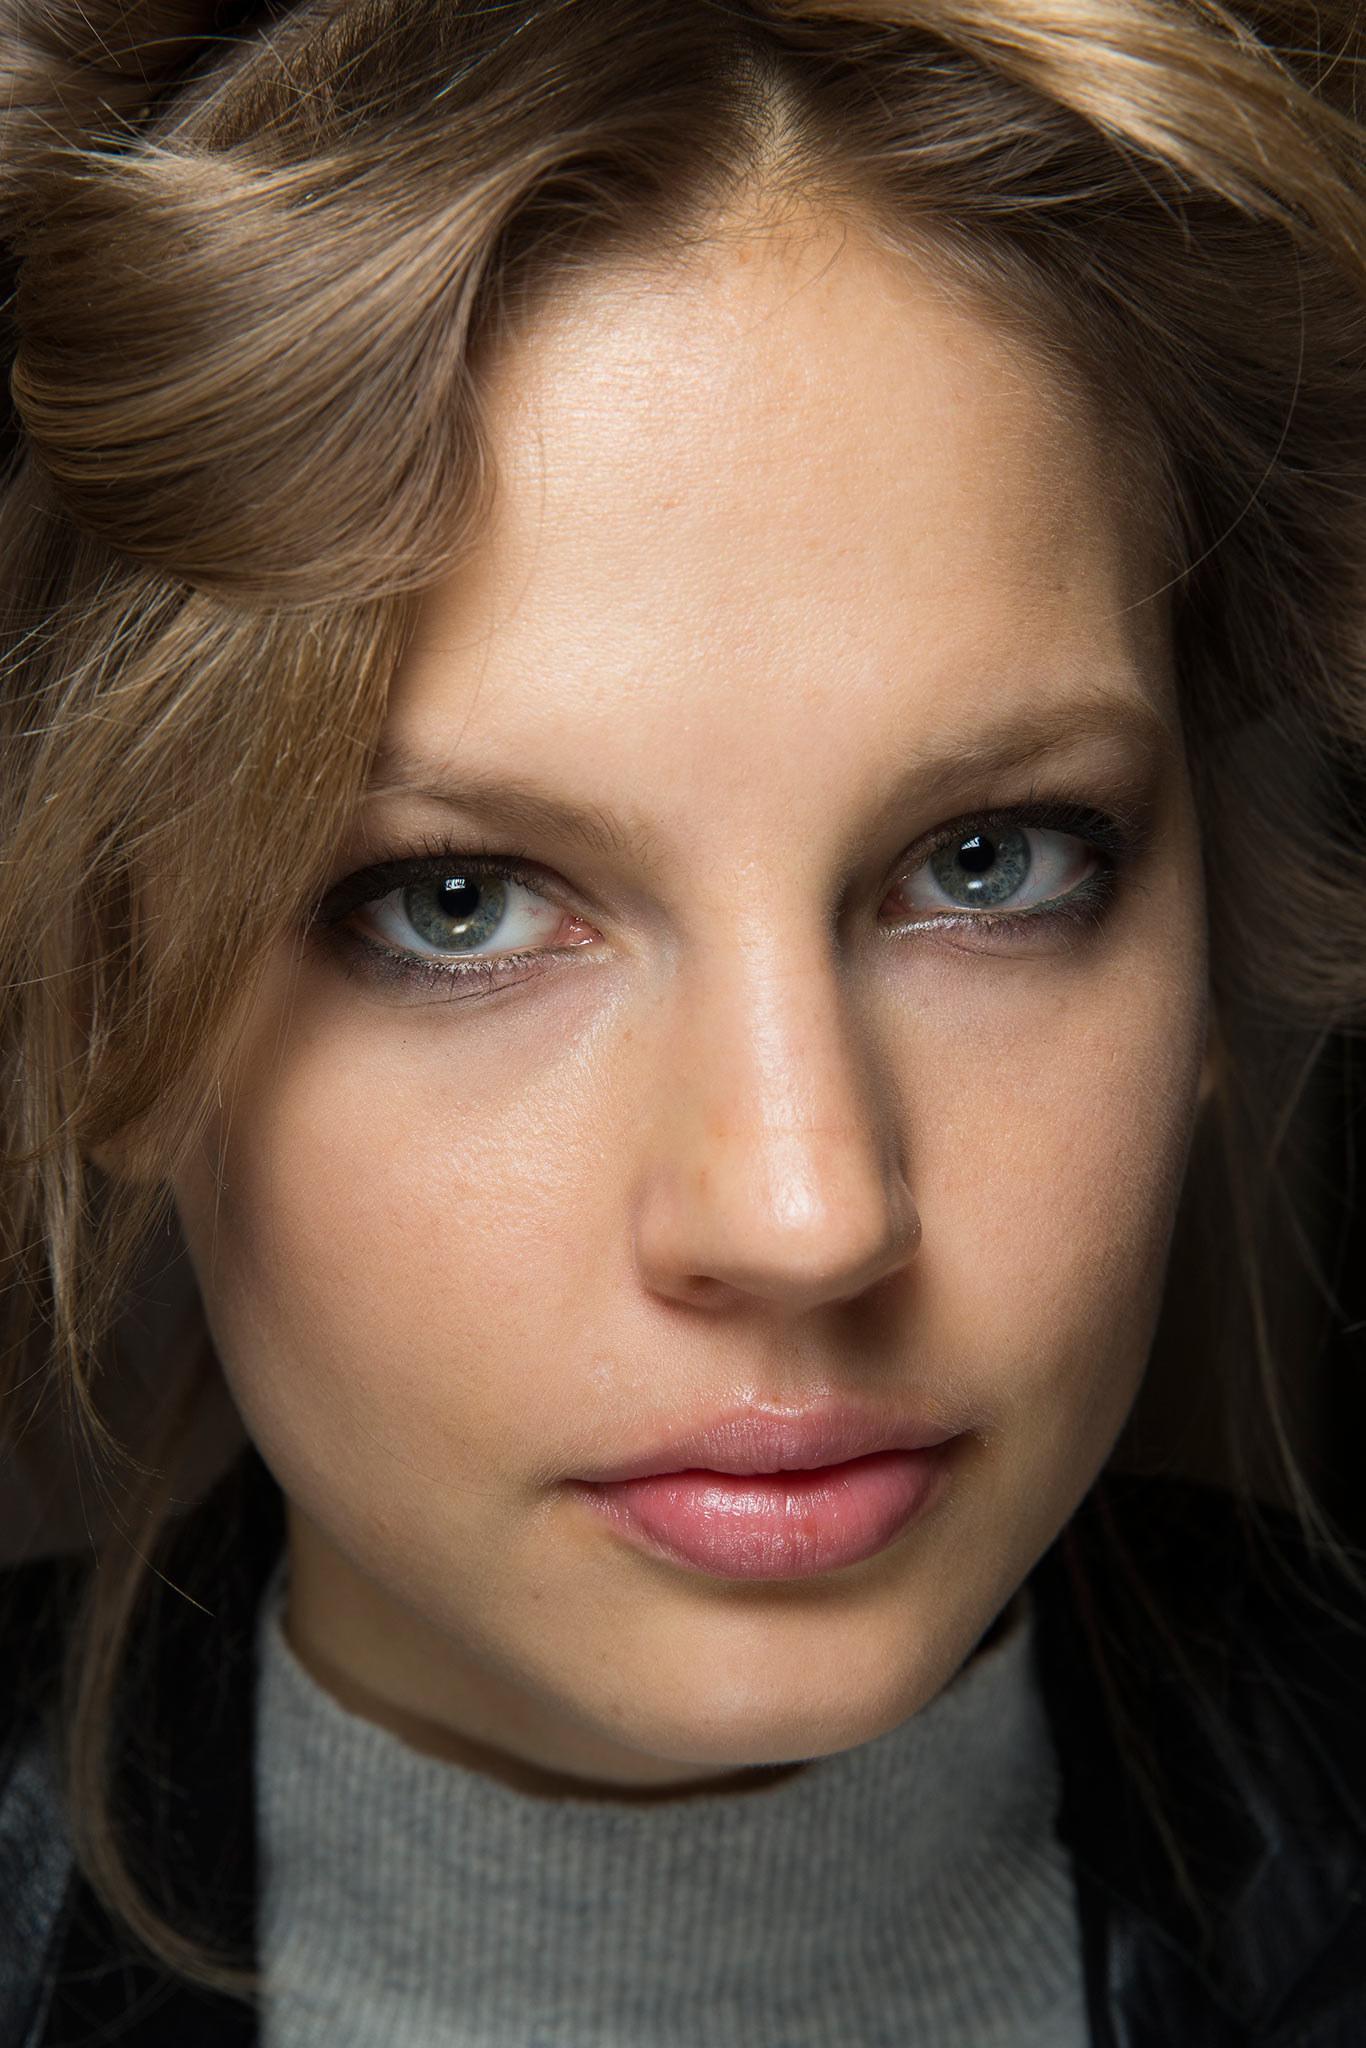 試想眼妝上畫上漸層迷彩小煙燻那麼唇妝如何選搭? 性感的裸粉紅唇彩最不搶焦啦!